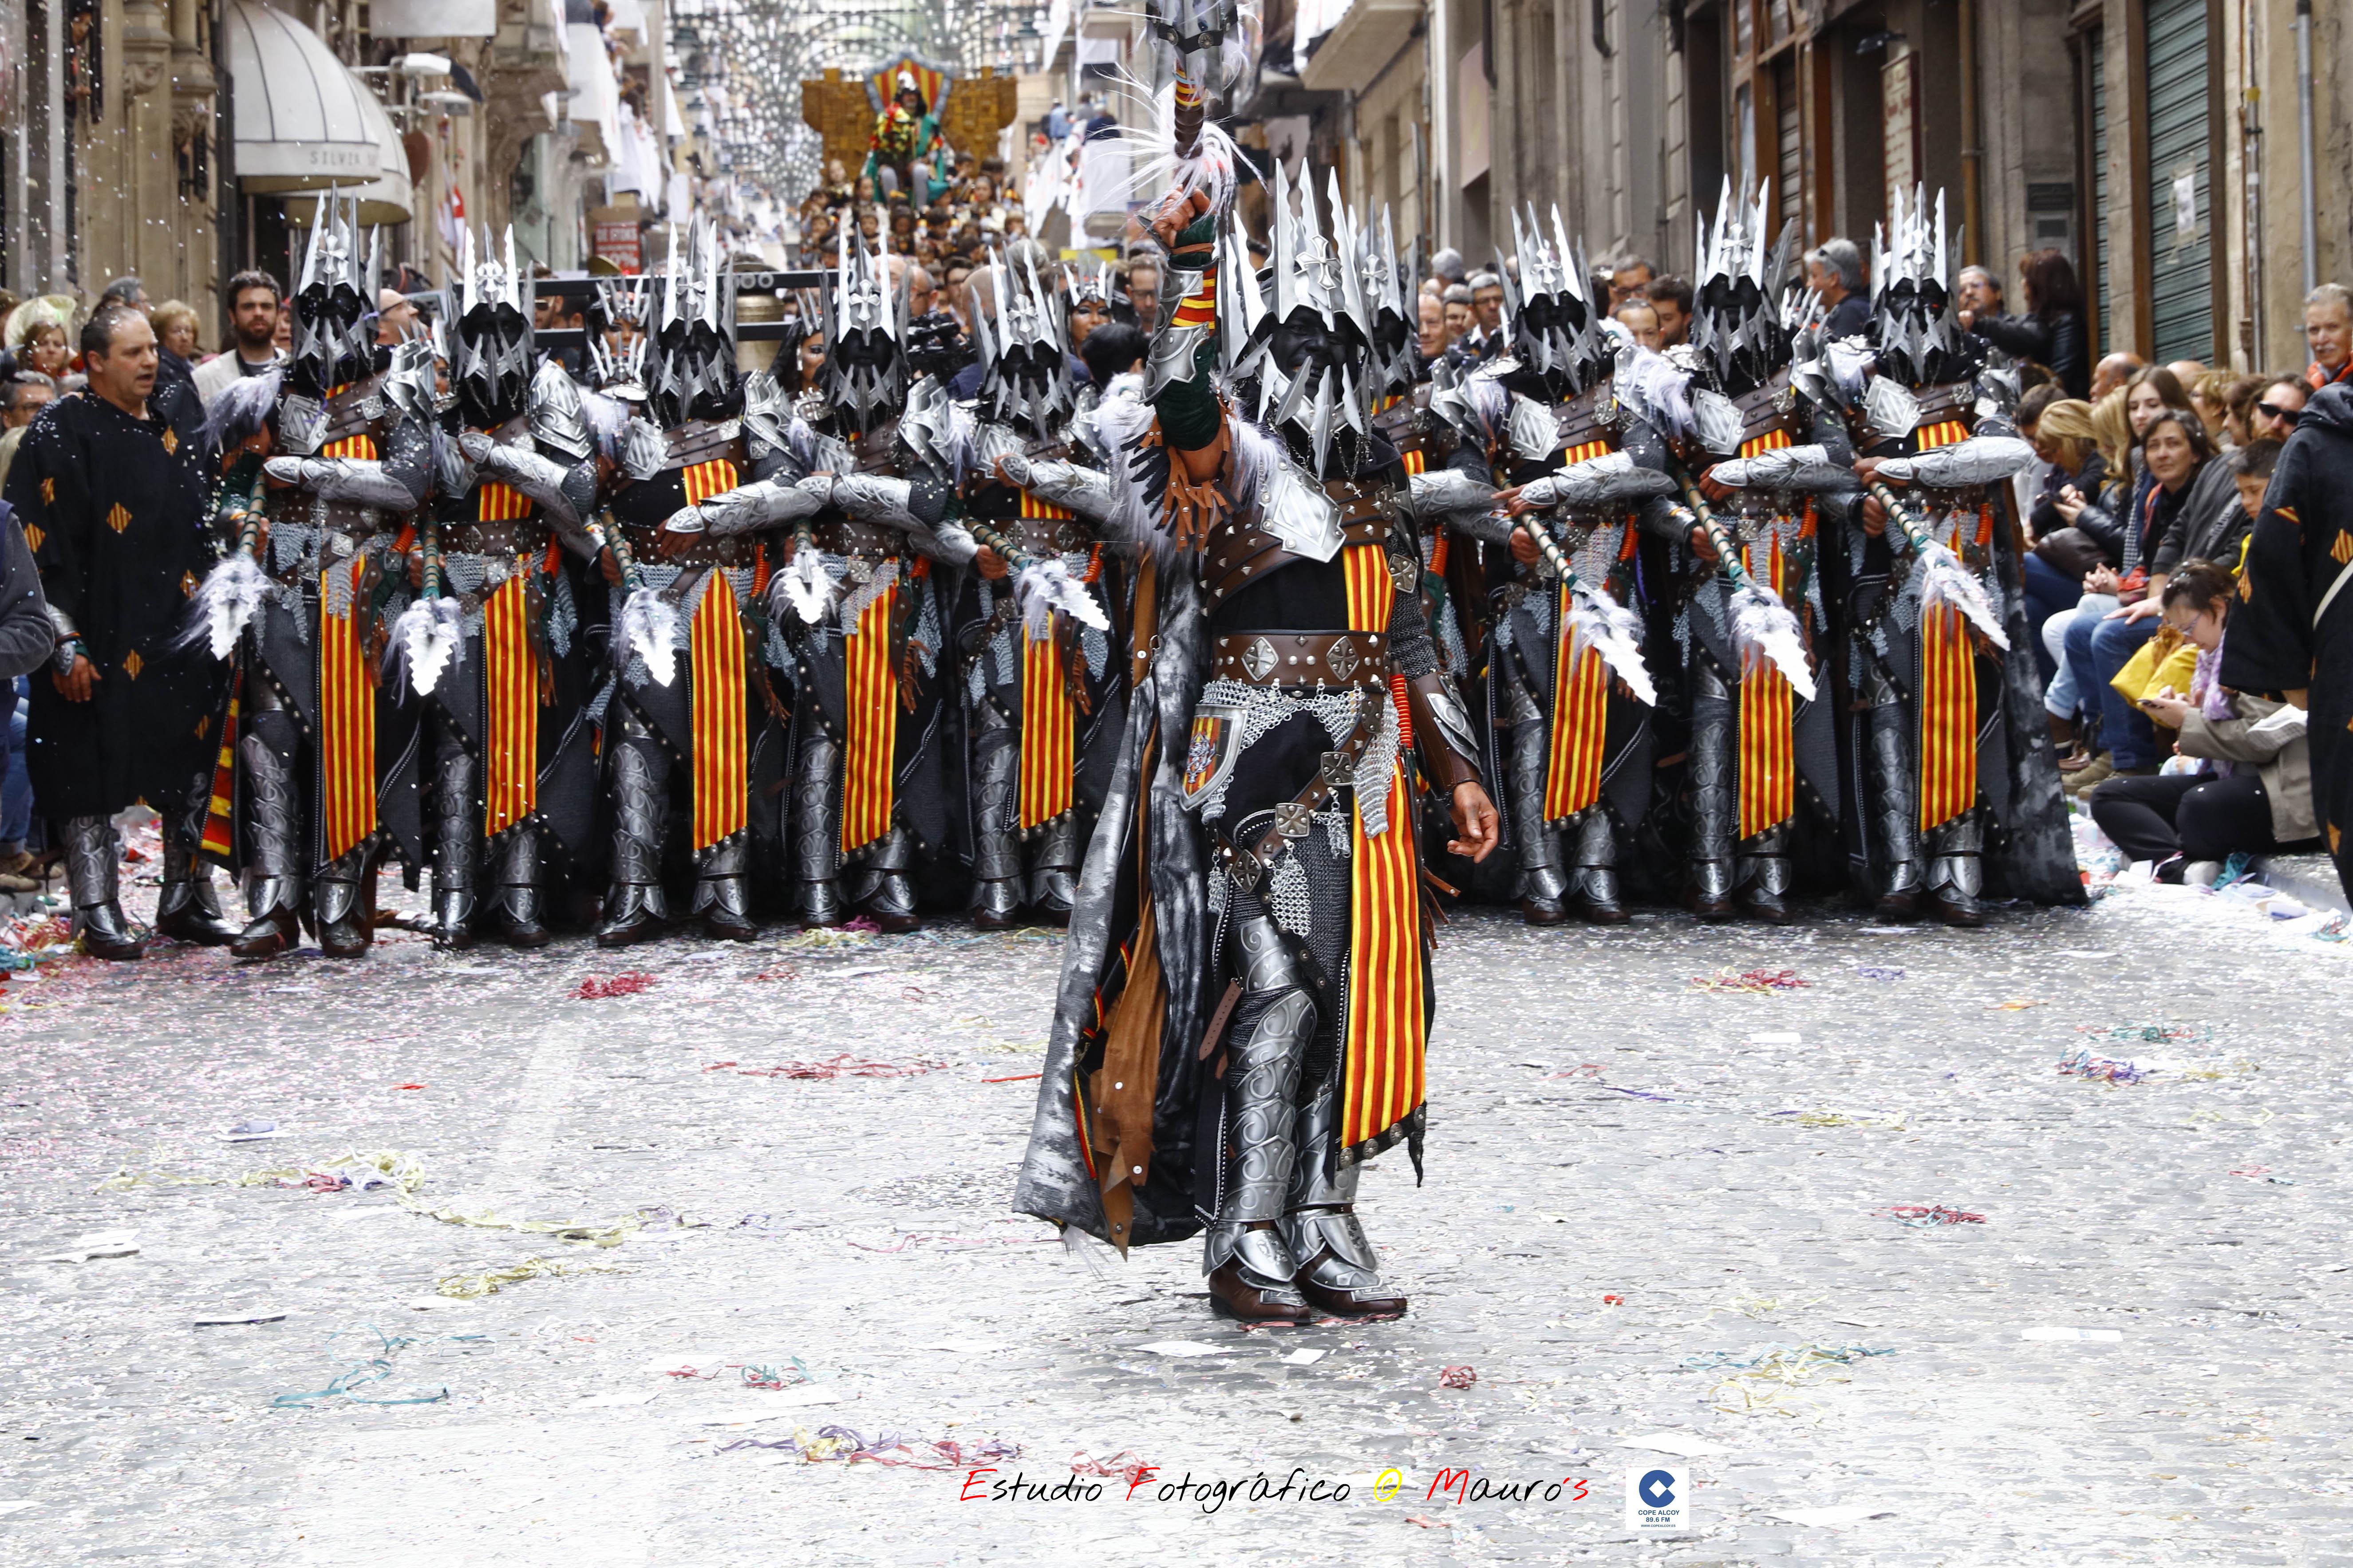 Los Aragonenes han ofrecido una llamativa Escuadra del Mig / Foto: Estudio Fotográfico Mauro´s